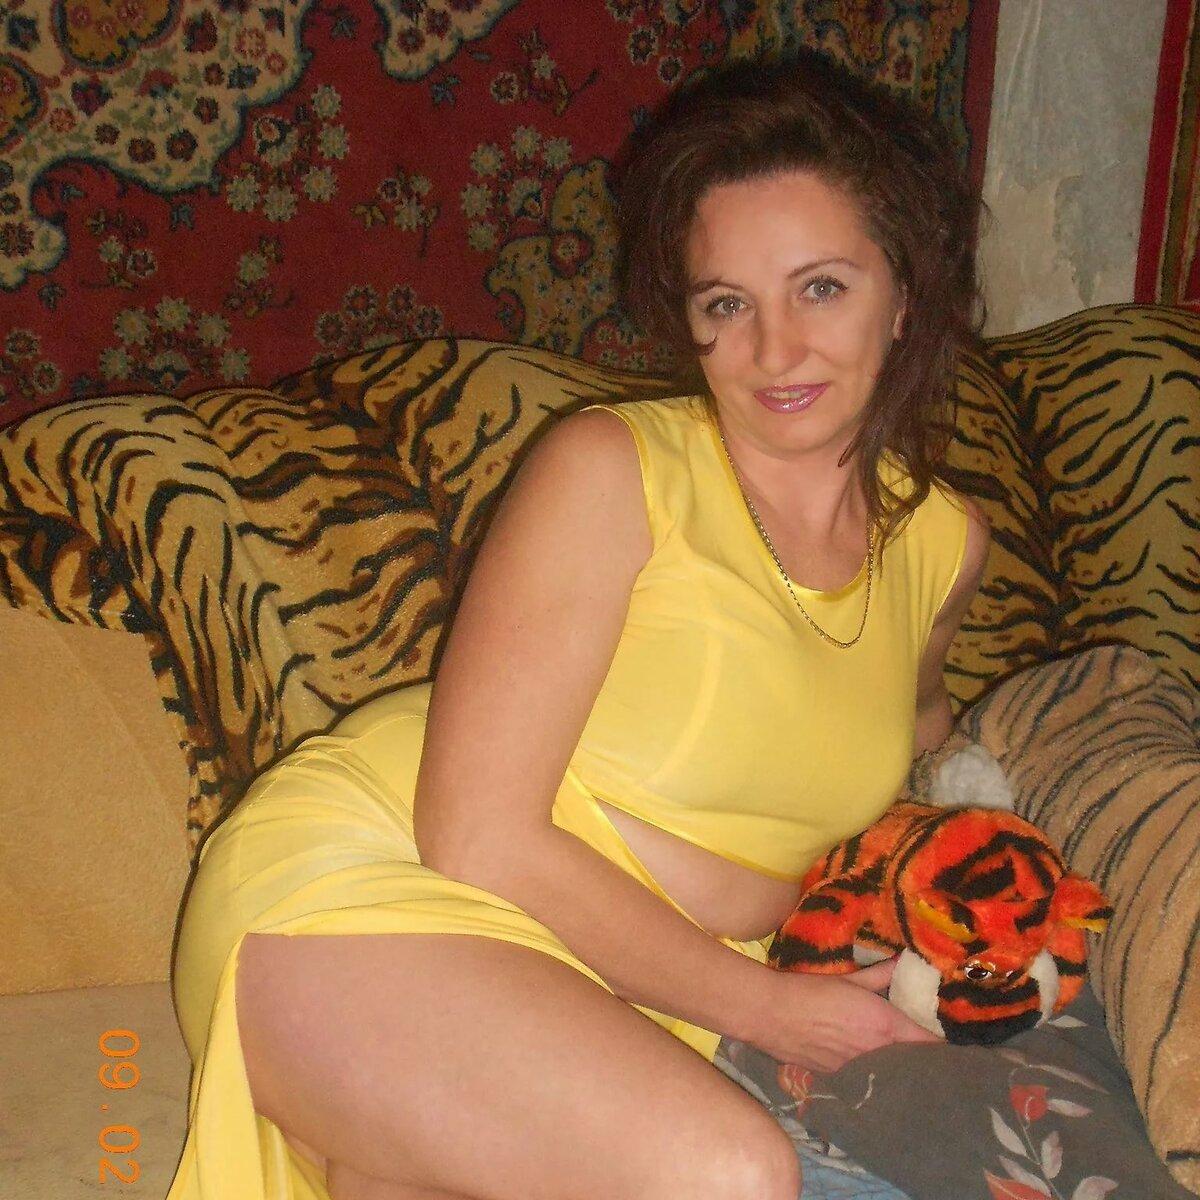 московских фото жены фотогалерея прокола глазных